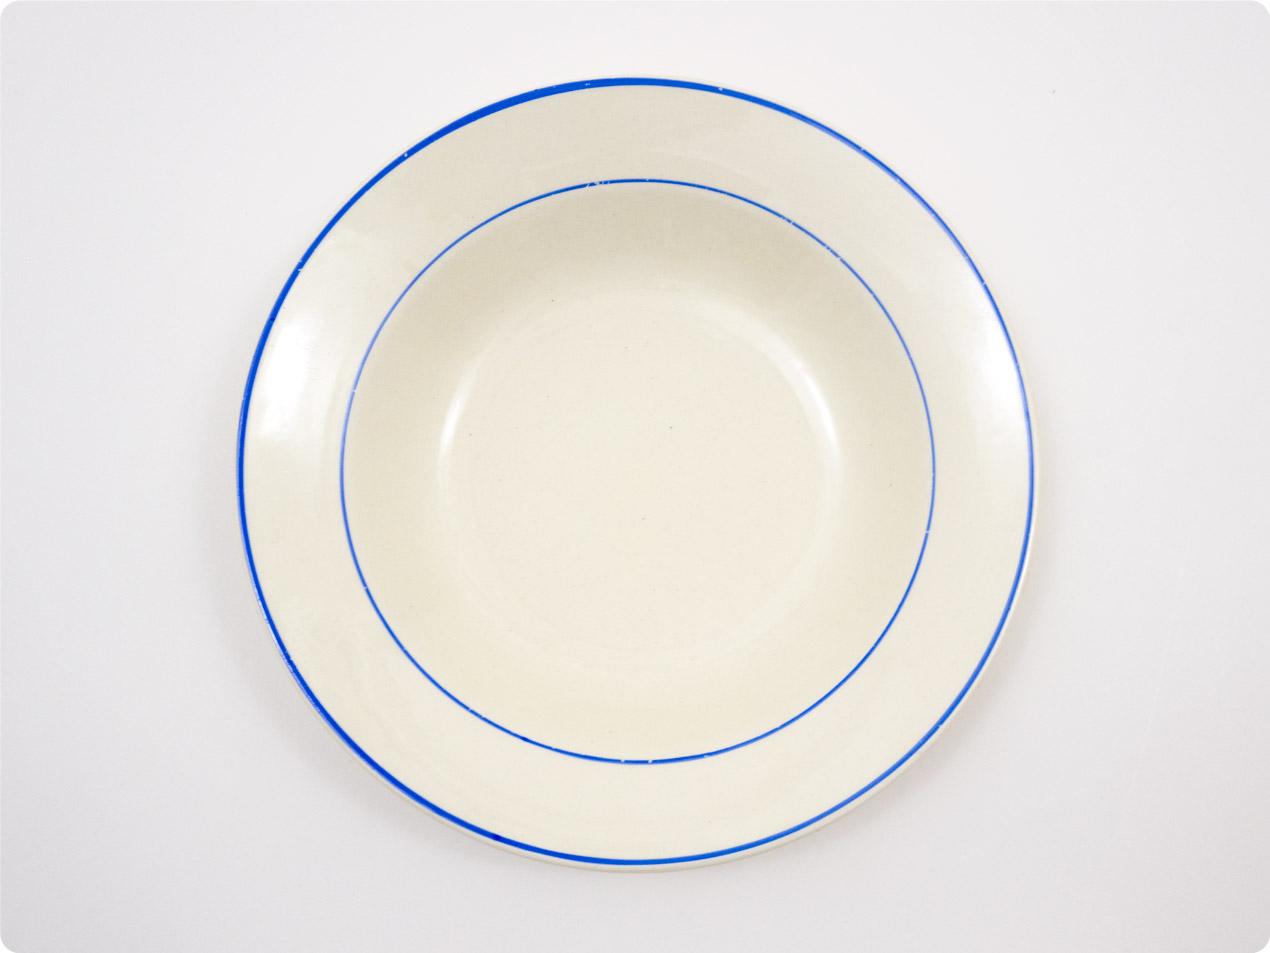 ARABIA ブルーライン スープ皿